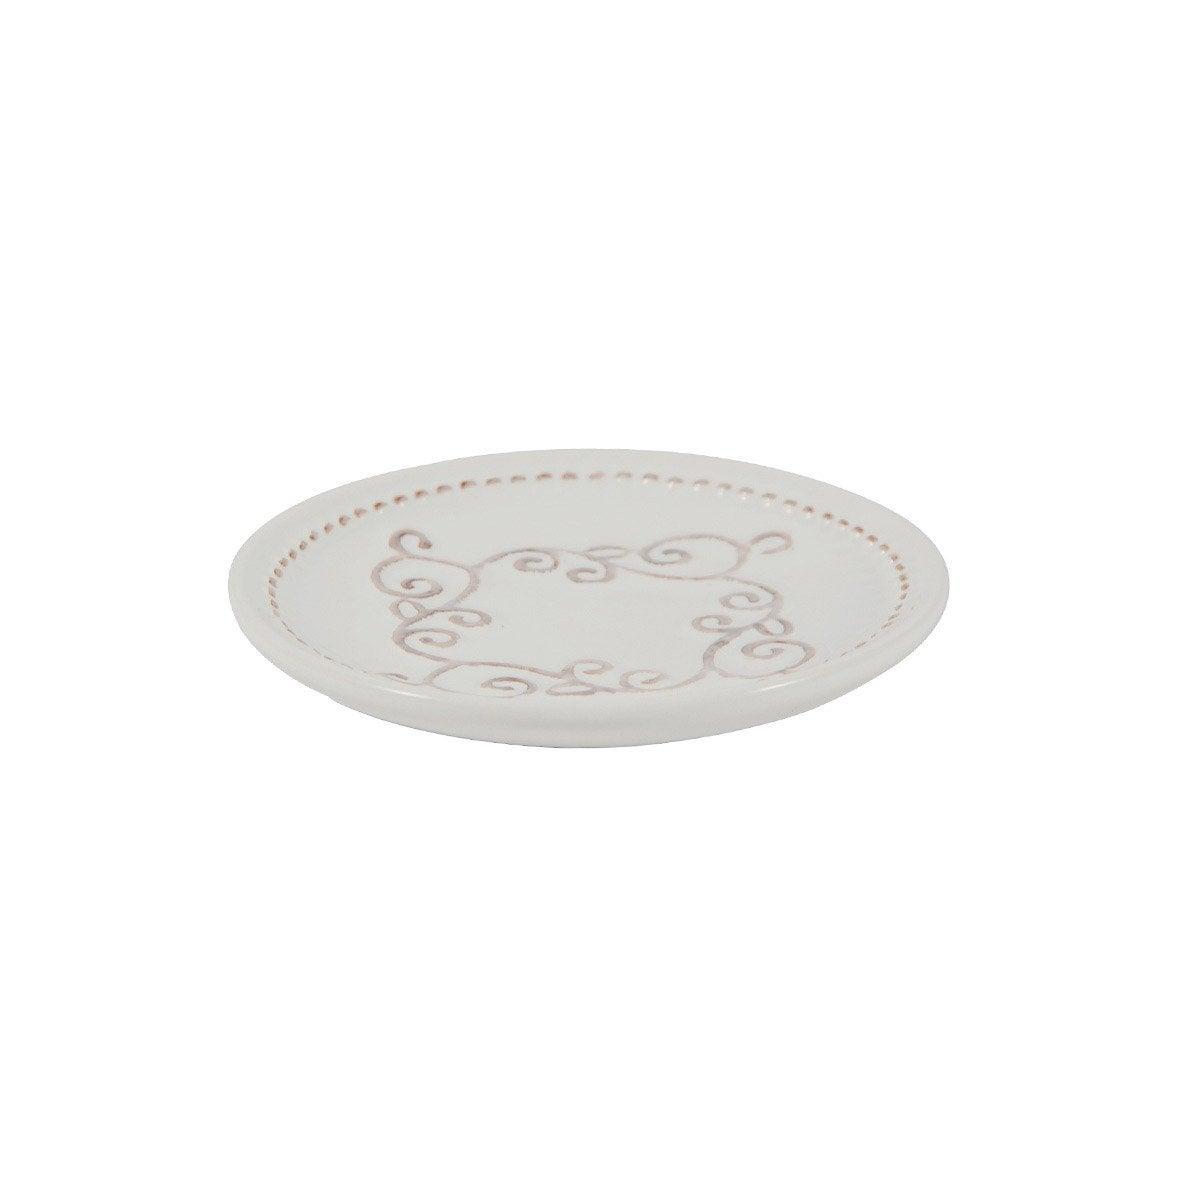 Porte-savon céramique Emmy, blanc